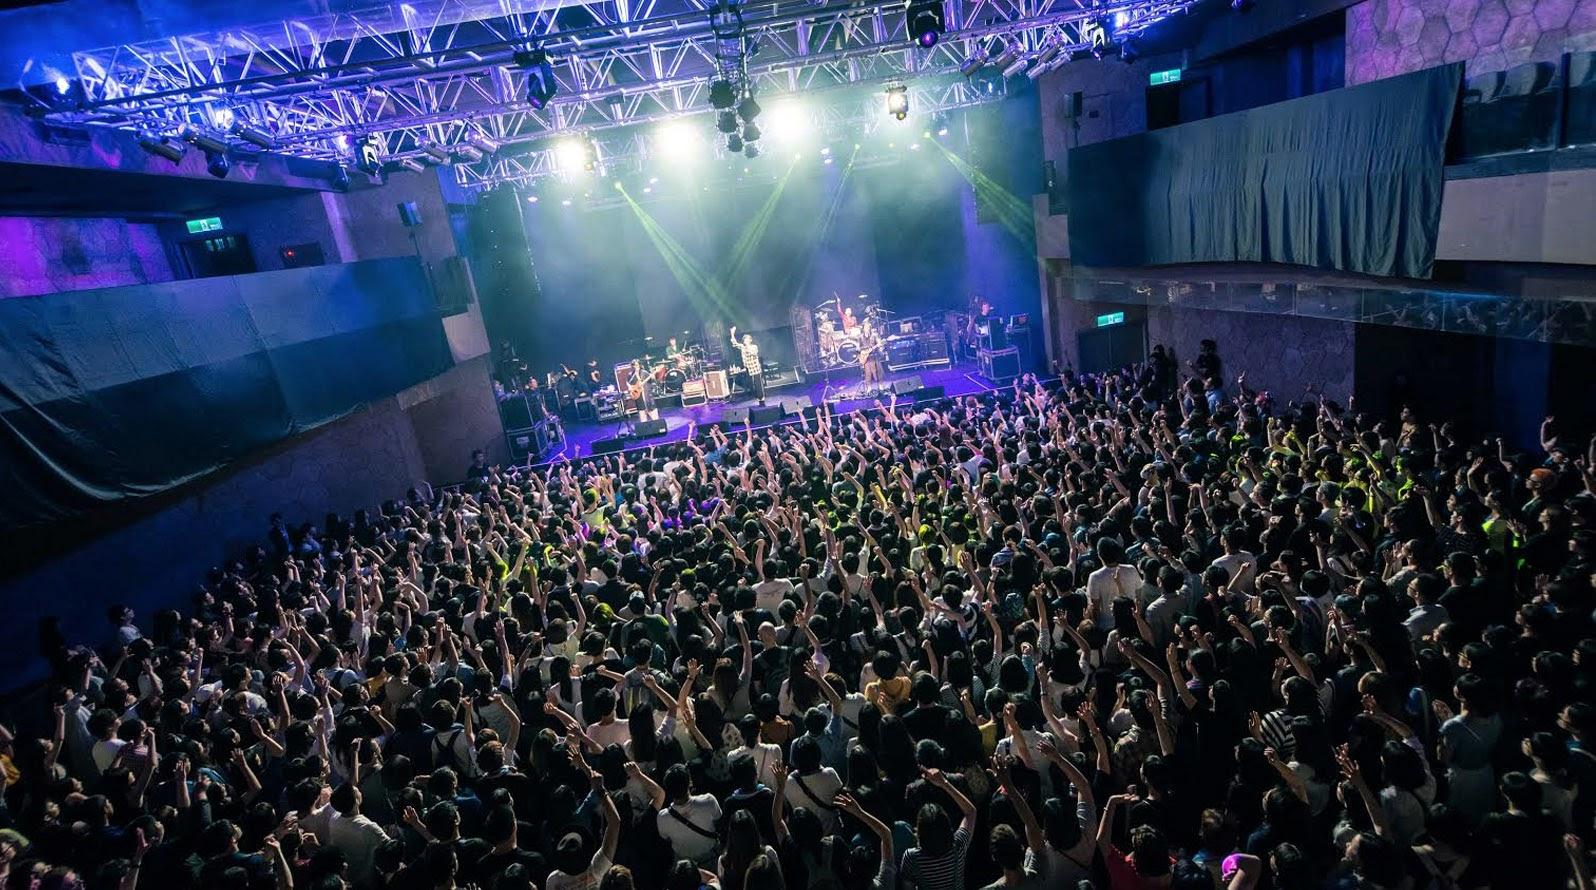 【迷迷歌單】RADWIMPS 2017 Asia Live Tour in Taipei 第一日